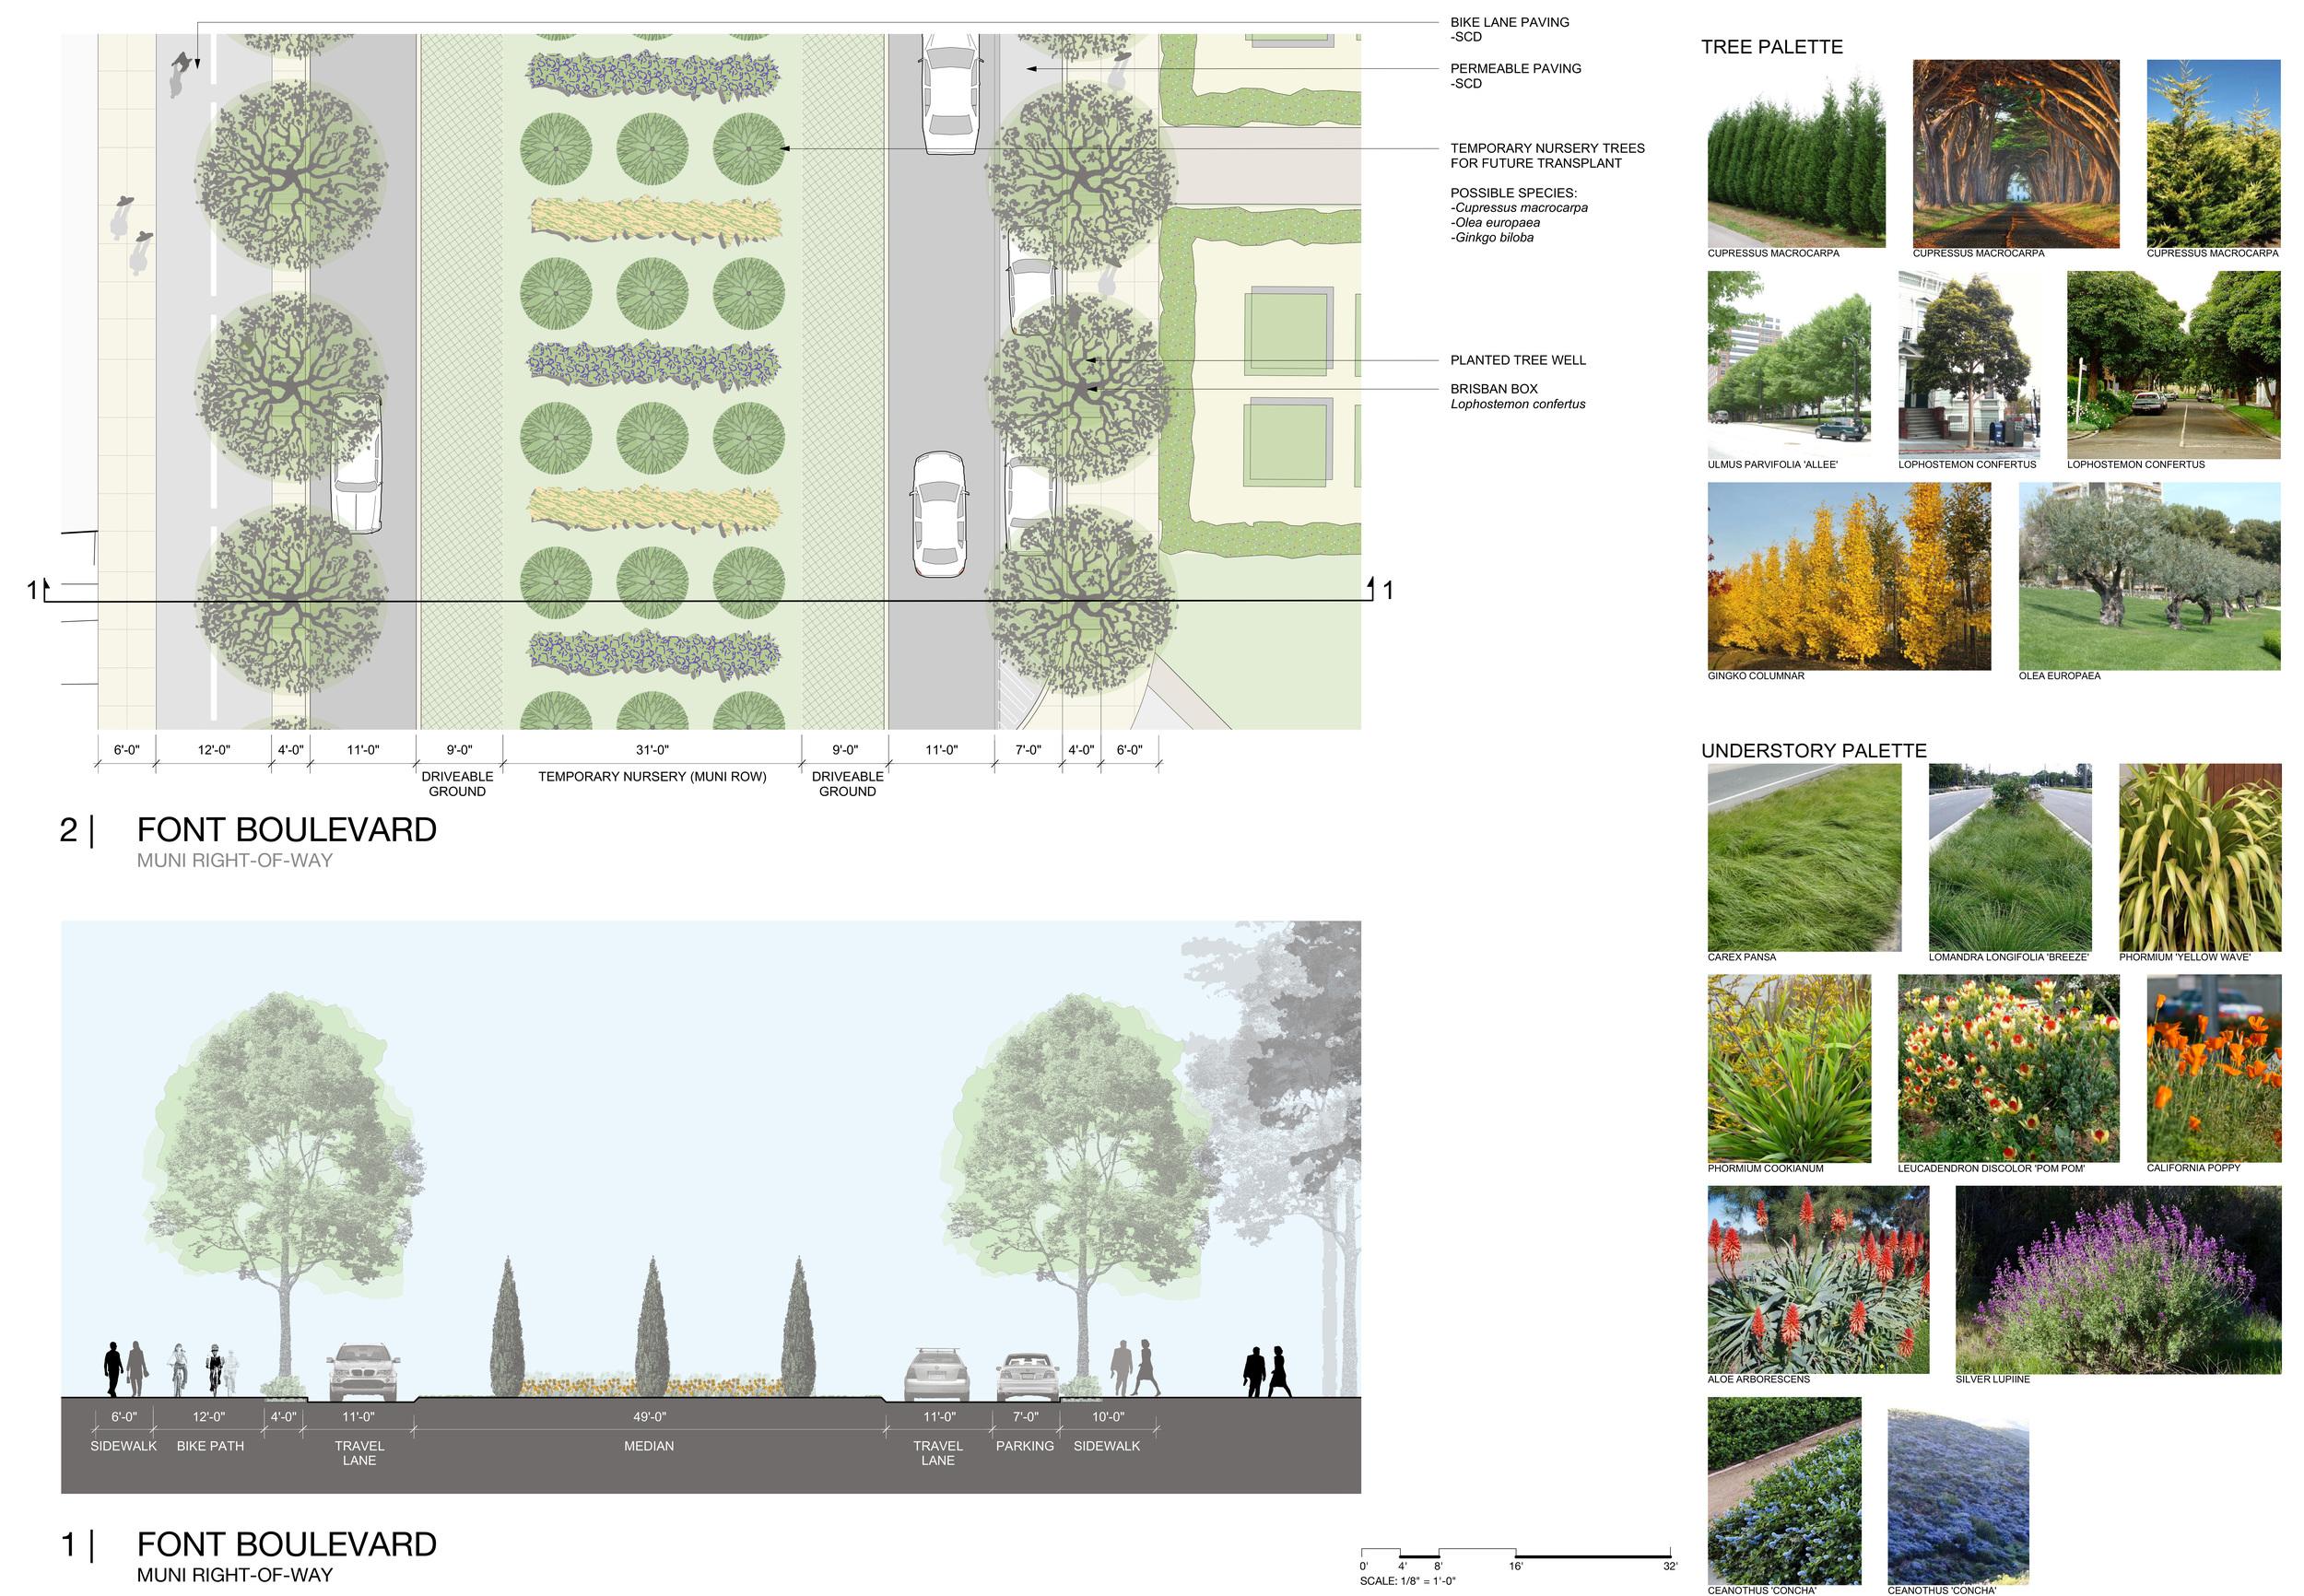 Font Boulevard Entry Planting Design